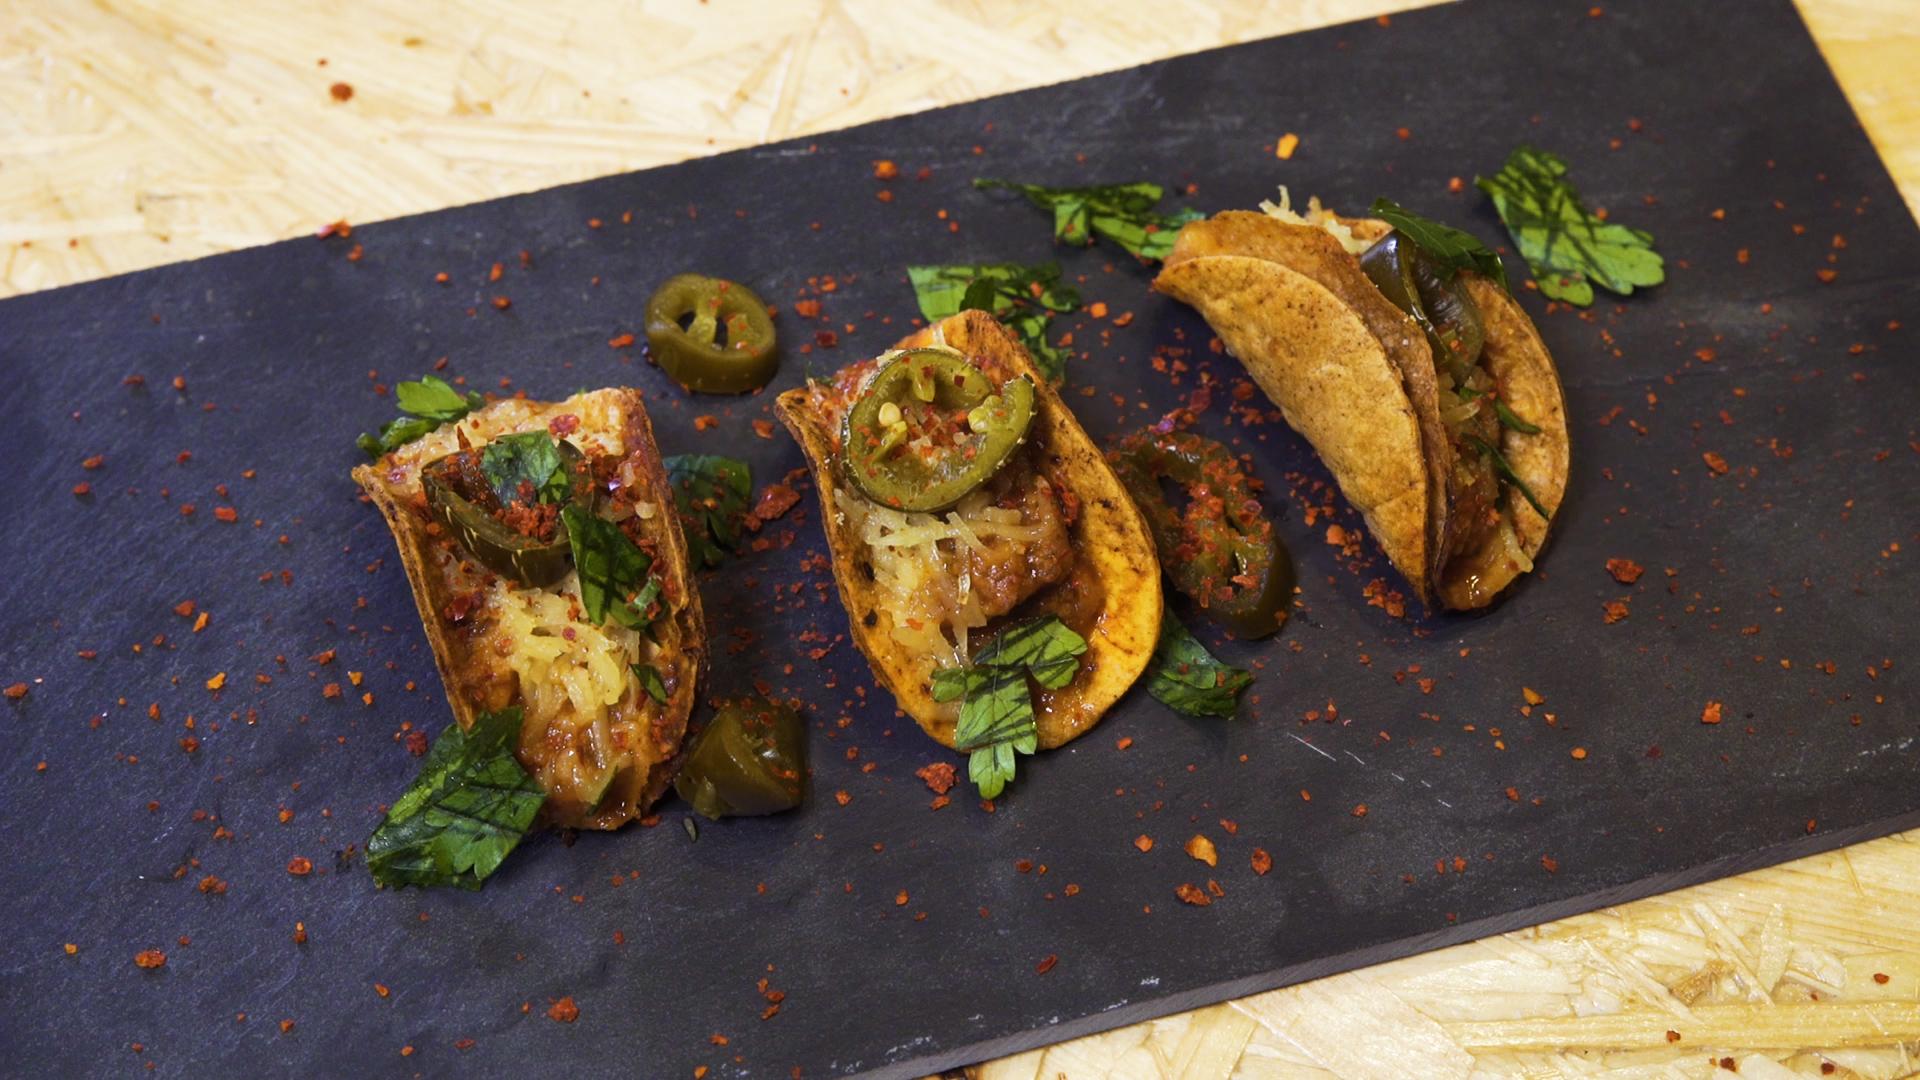 Mini Tacos mit Chili, Käse und Guacamole